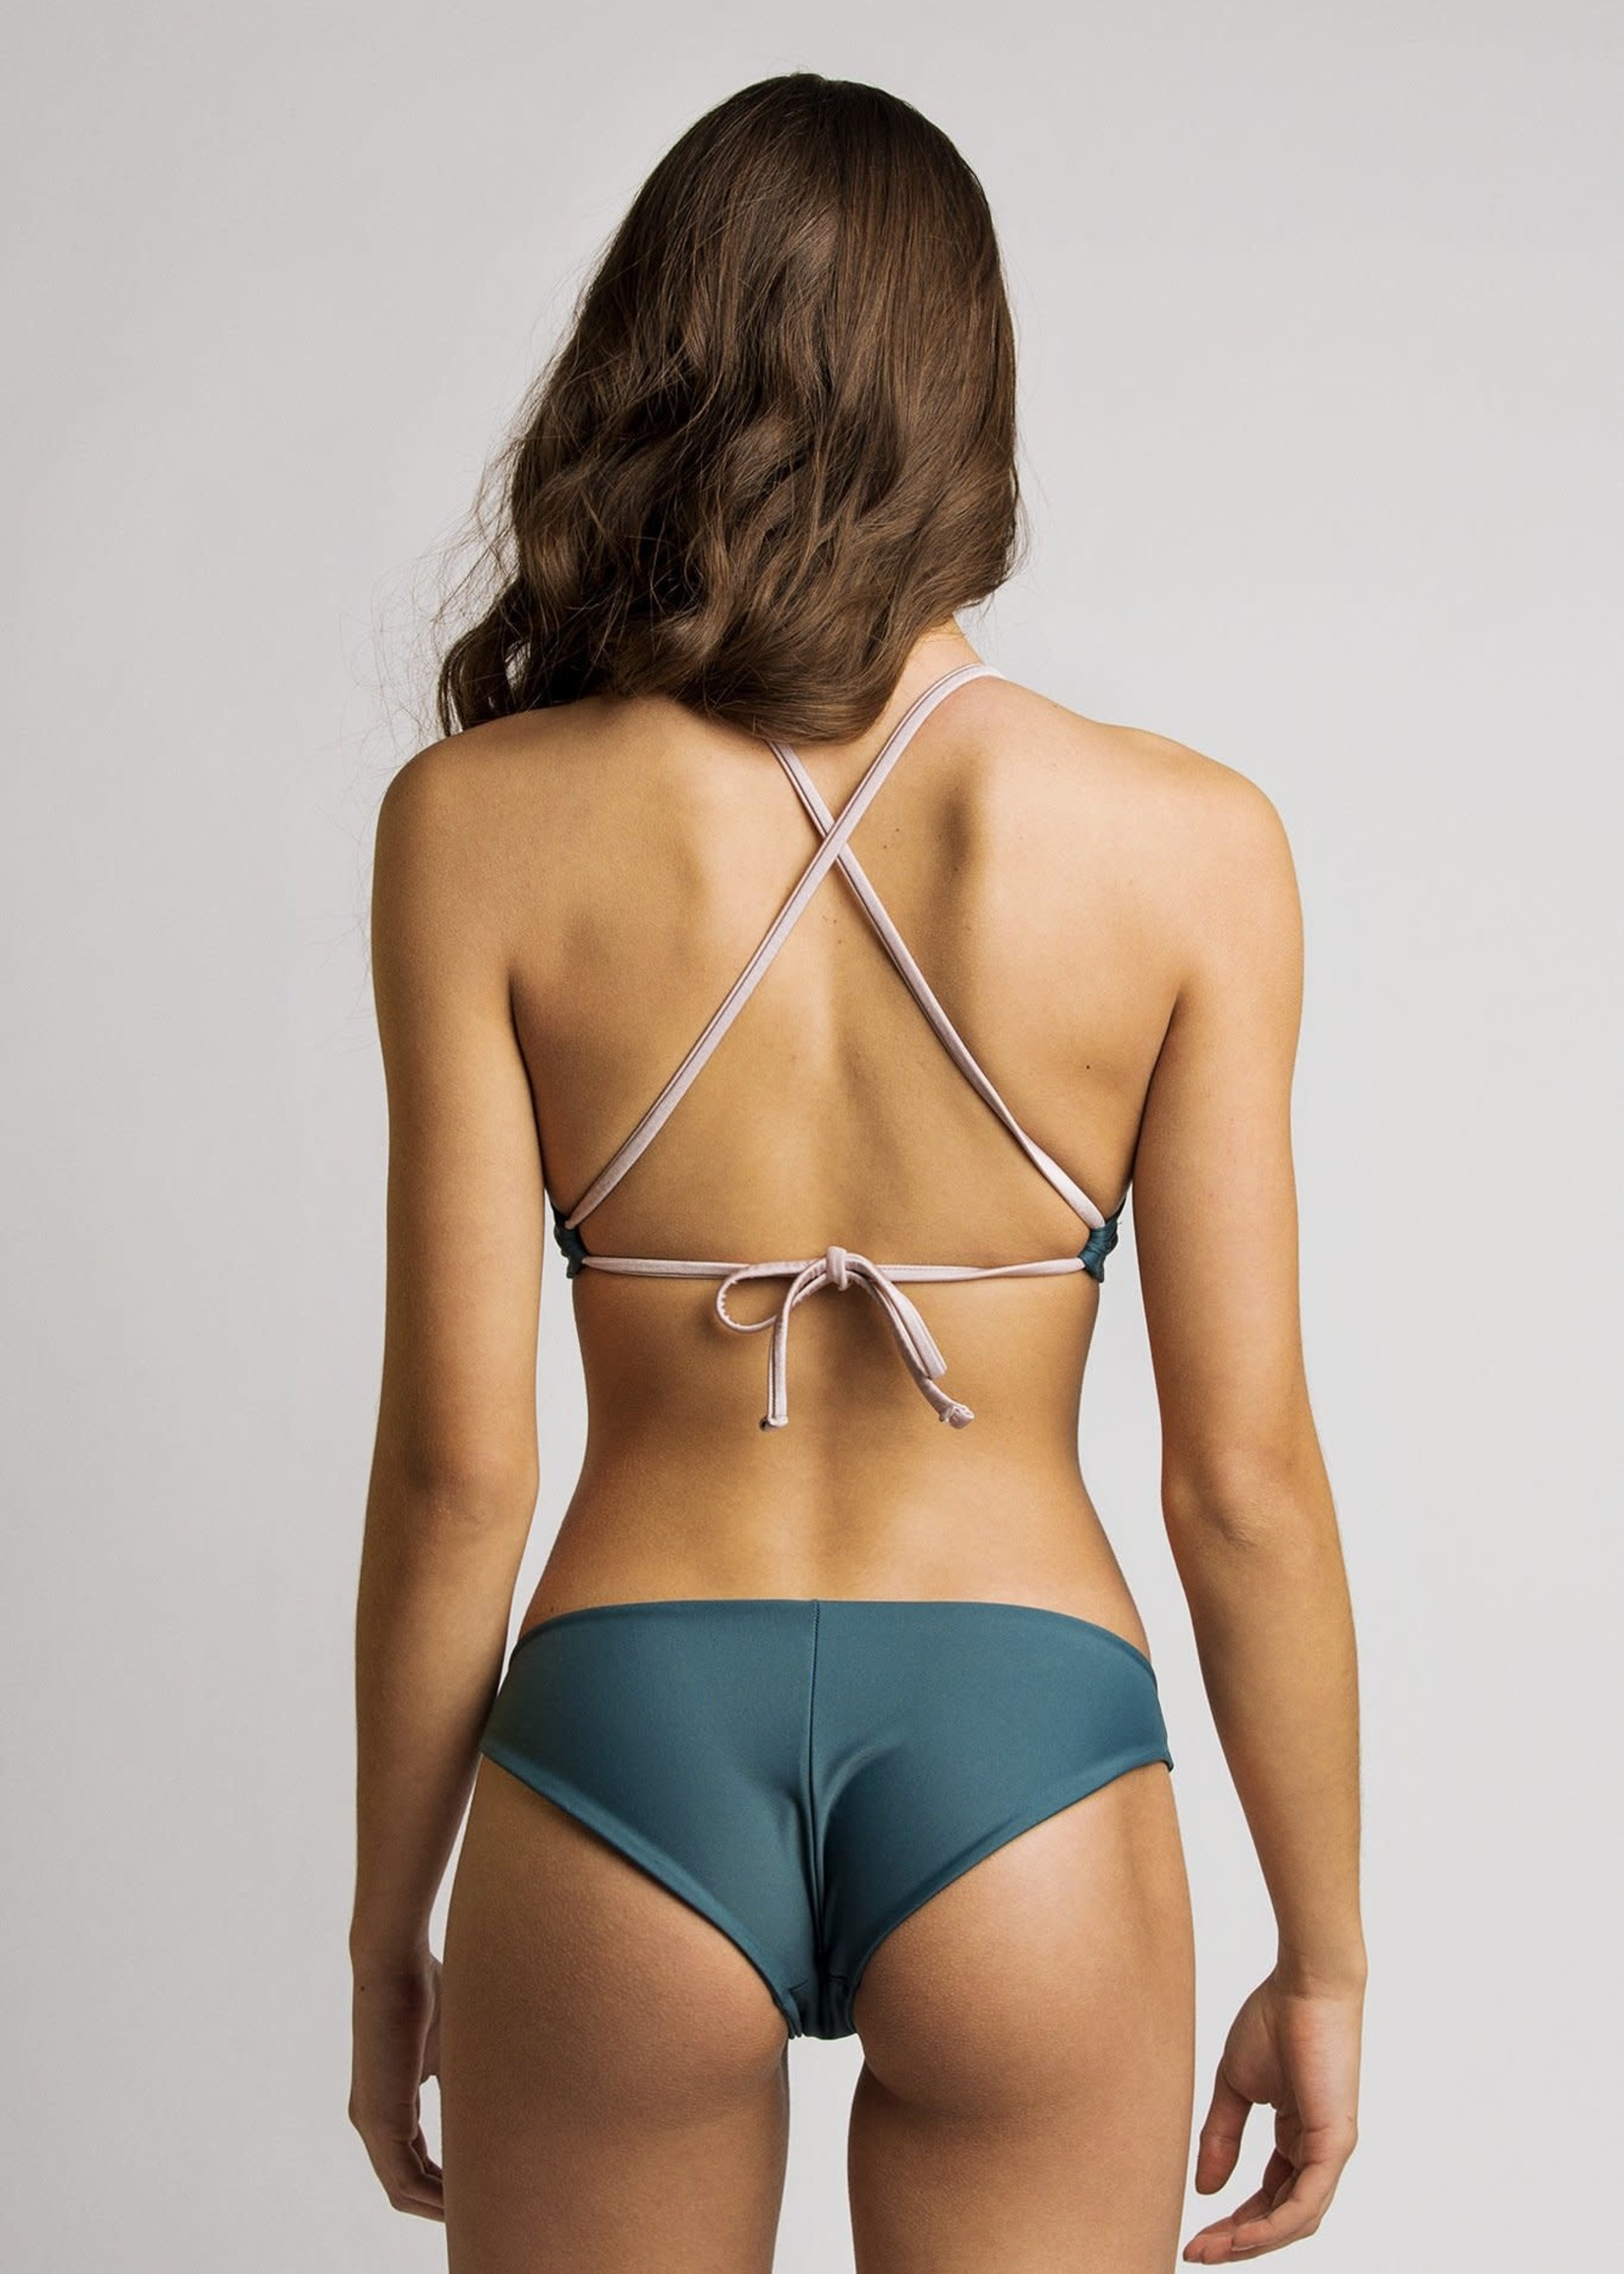 JUNE Swimwear Olivia Bottom